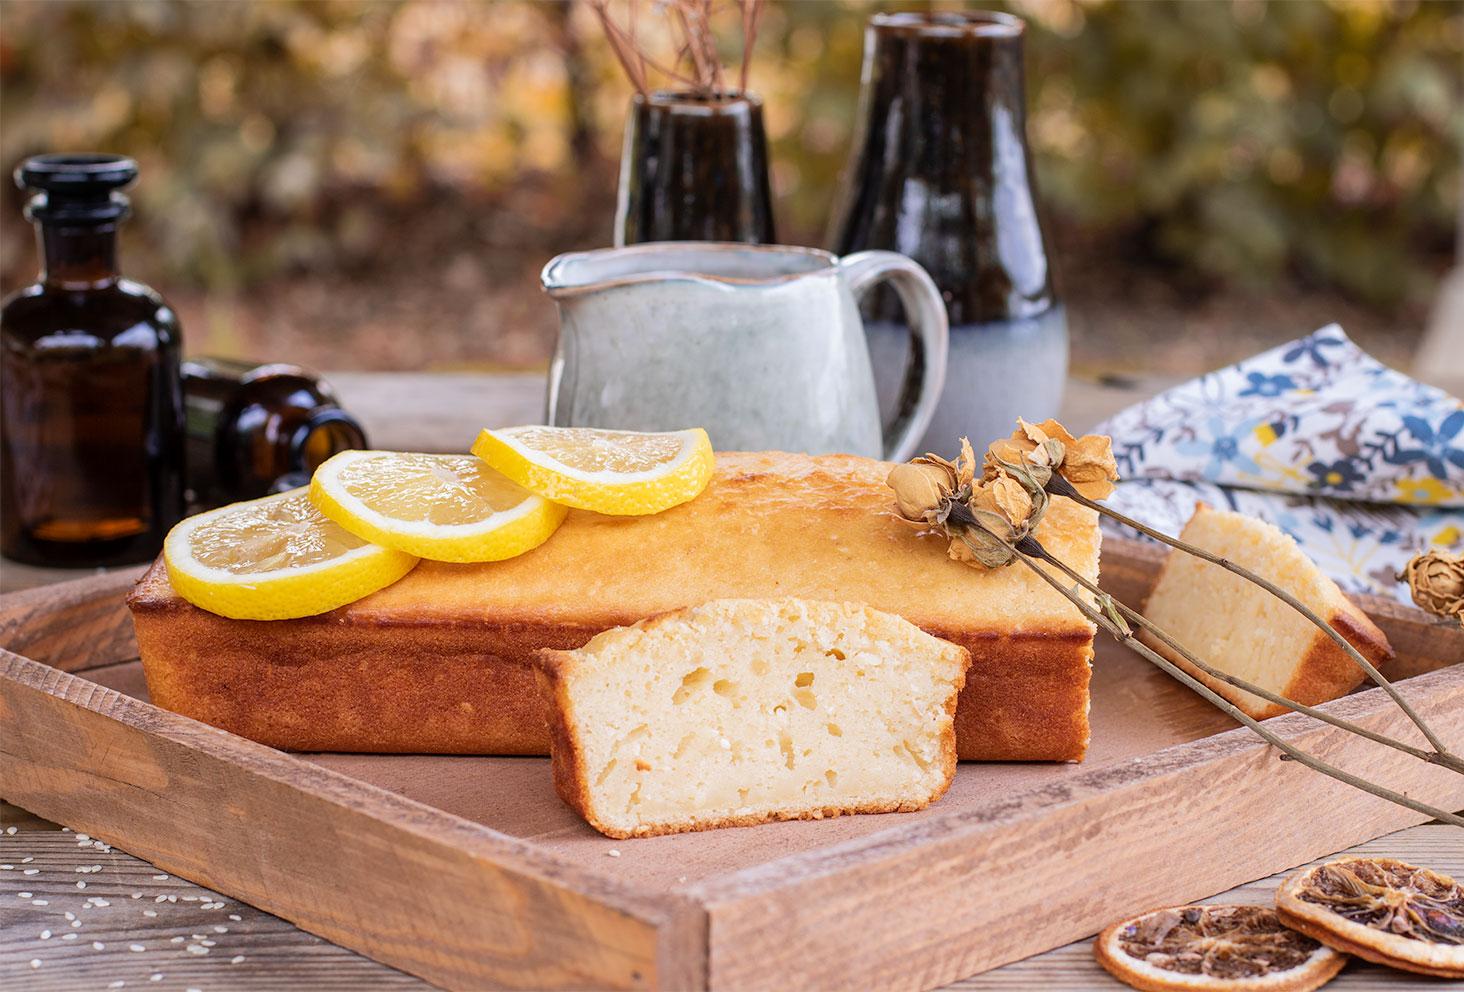 Une part de cake au citron coupée, posée le long du lemon cake, dans un plateau en bois au milieu d'une table de goûter